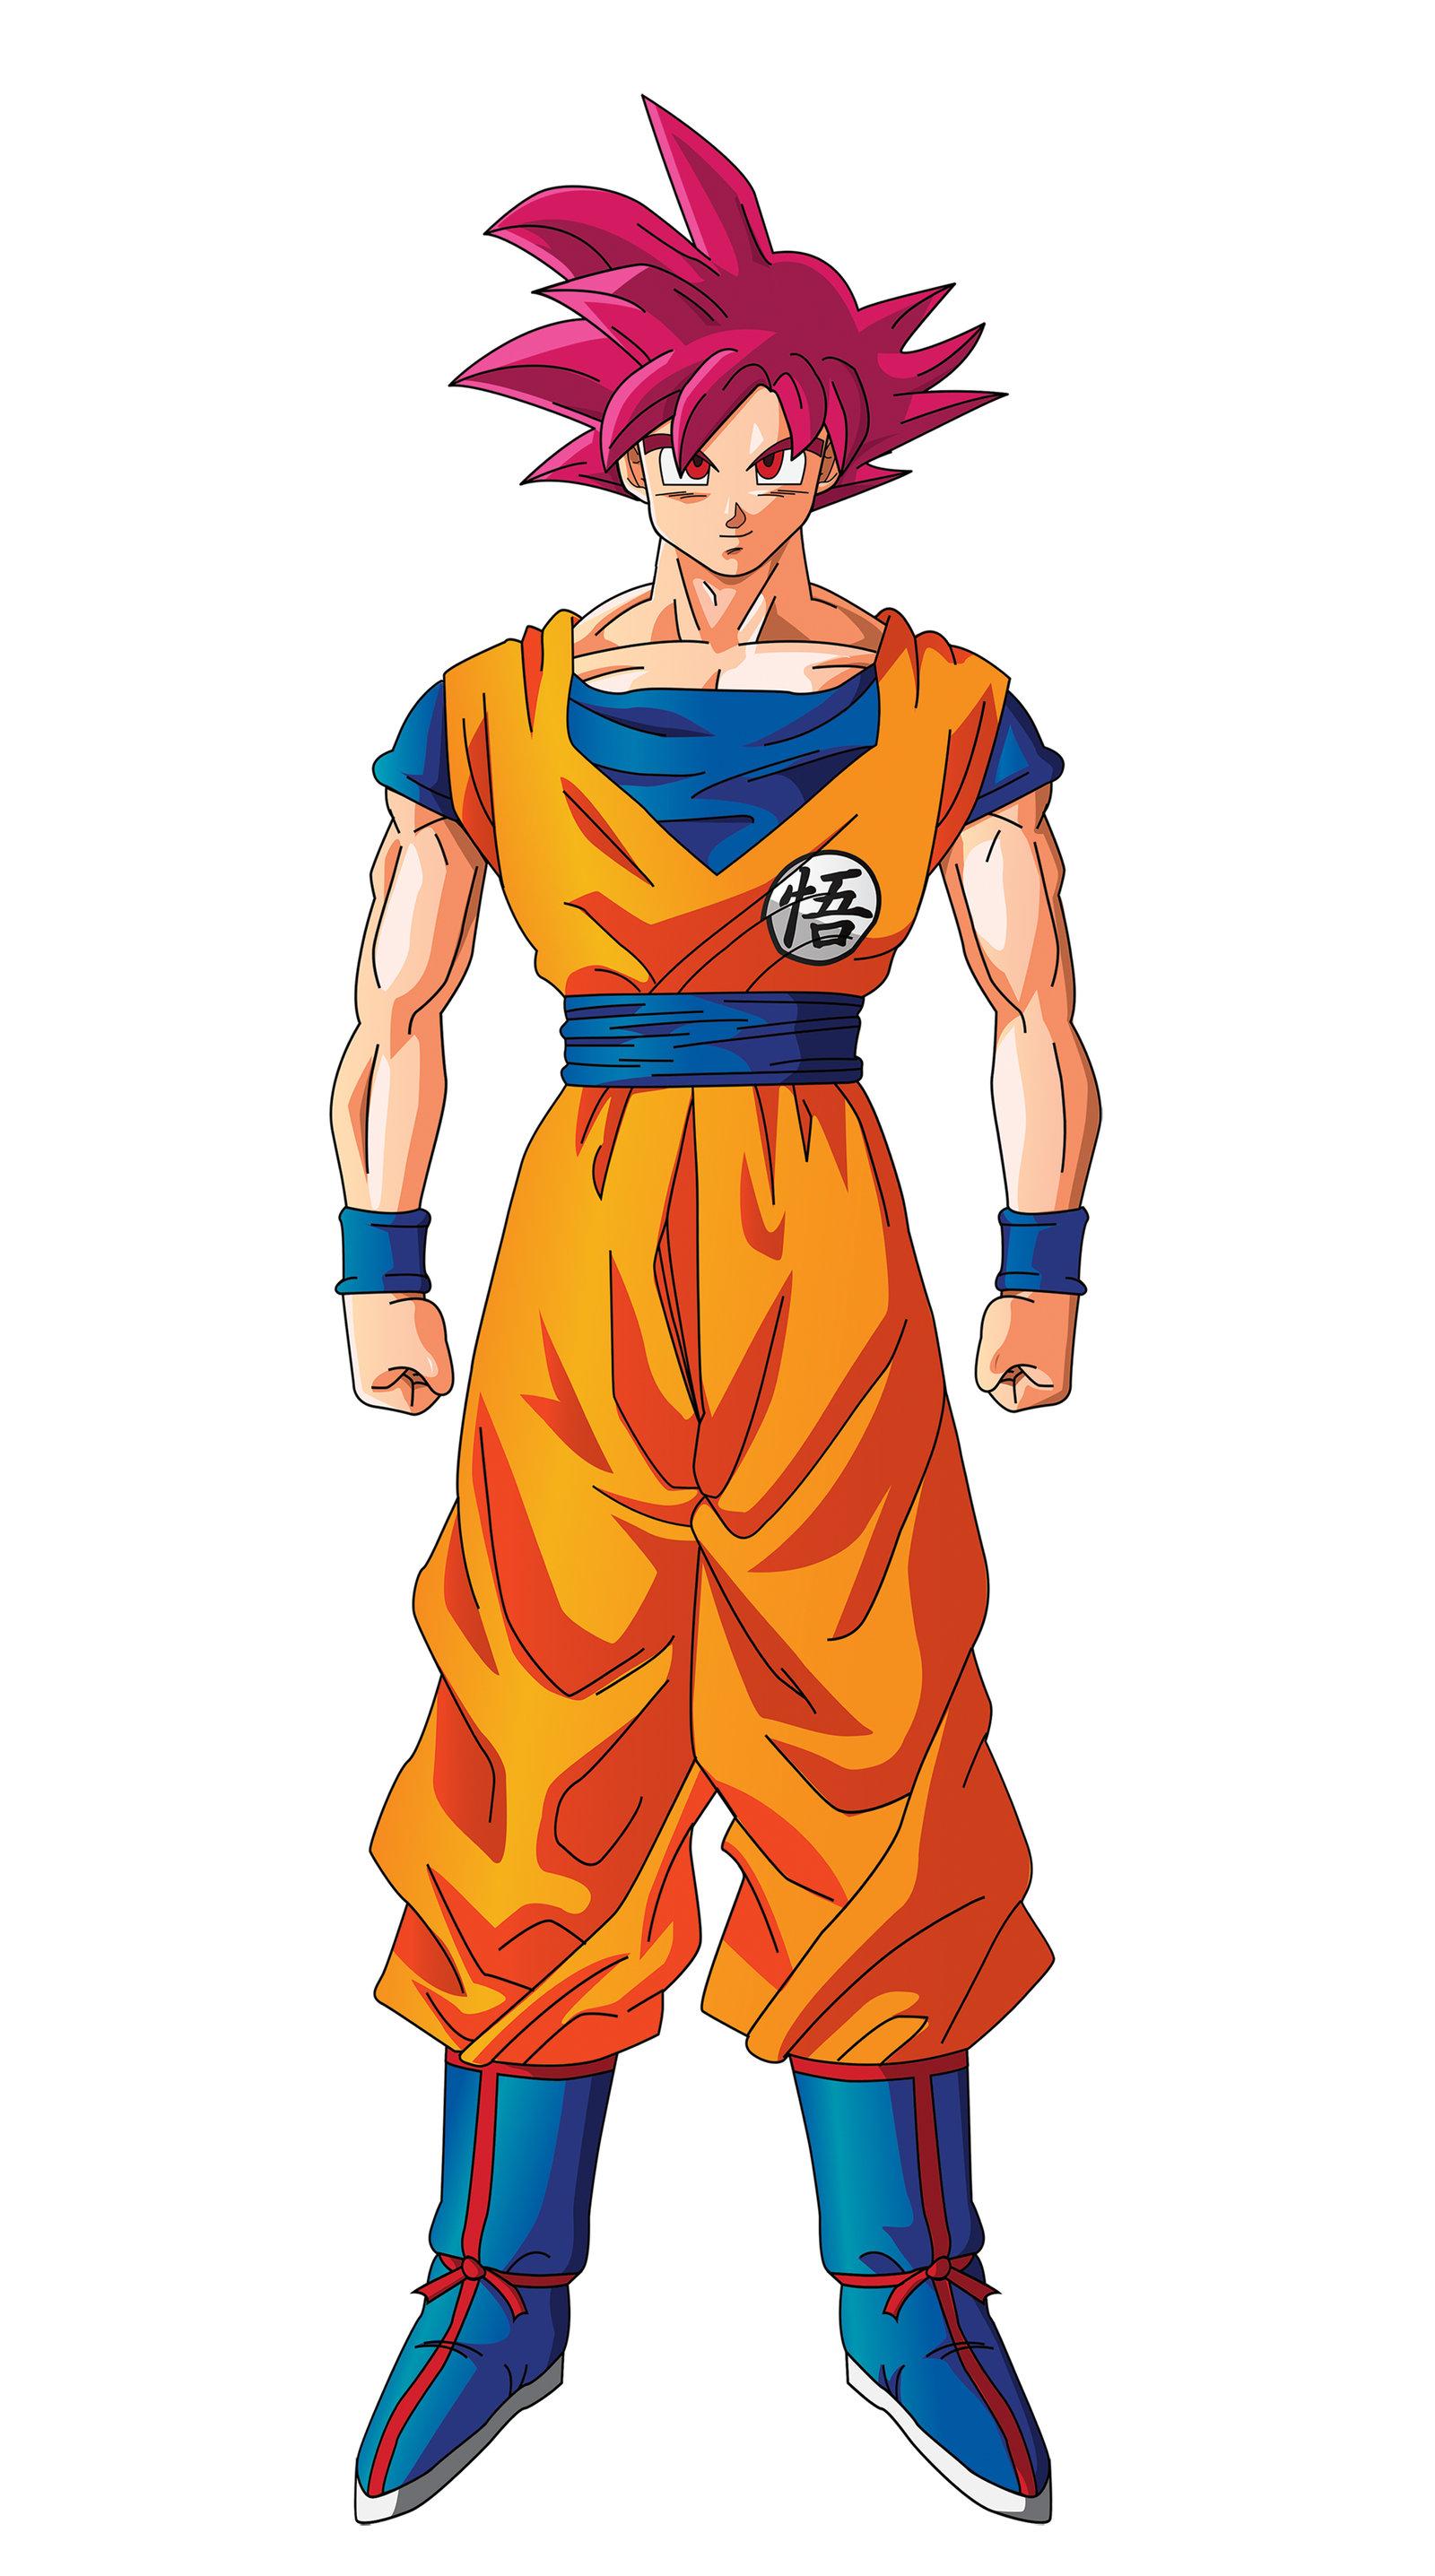 Image super saiyan god dragonball fanon wiki - Sangoku super saiyan god ...